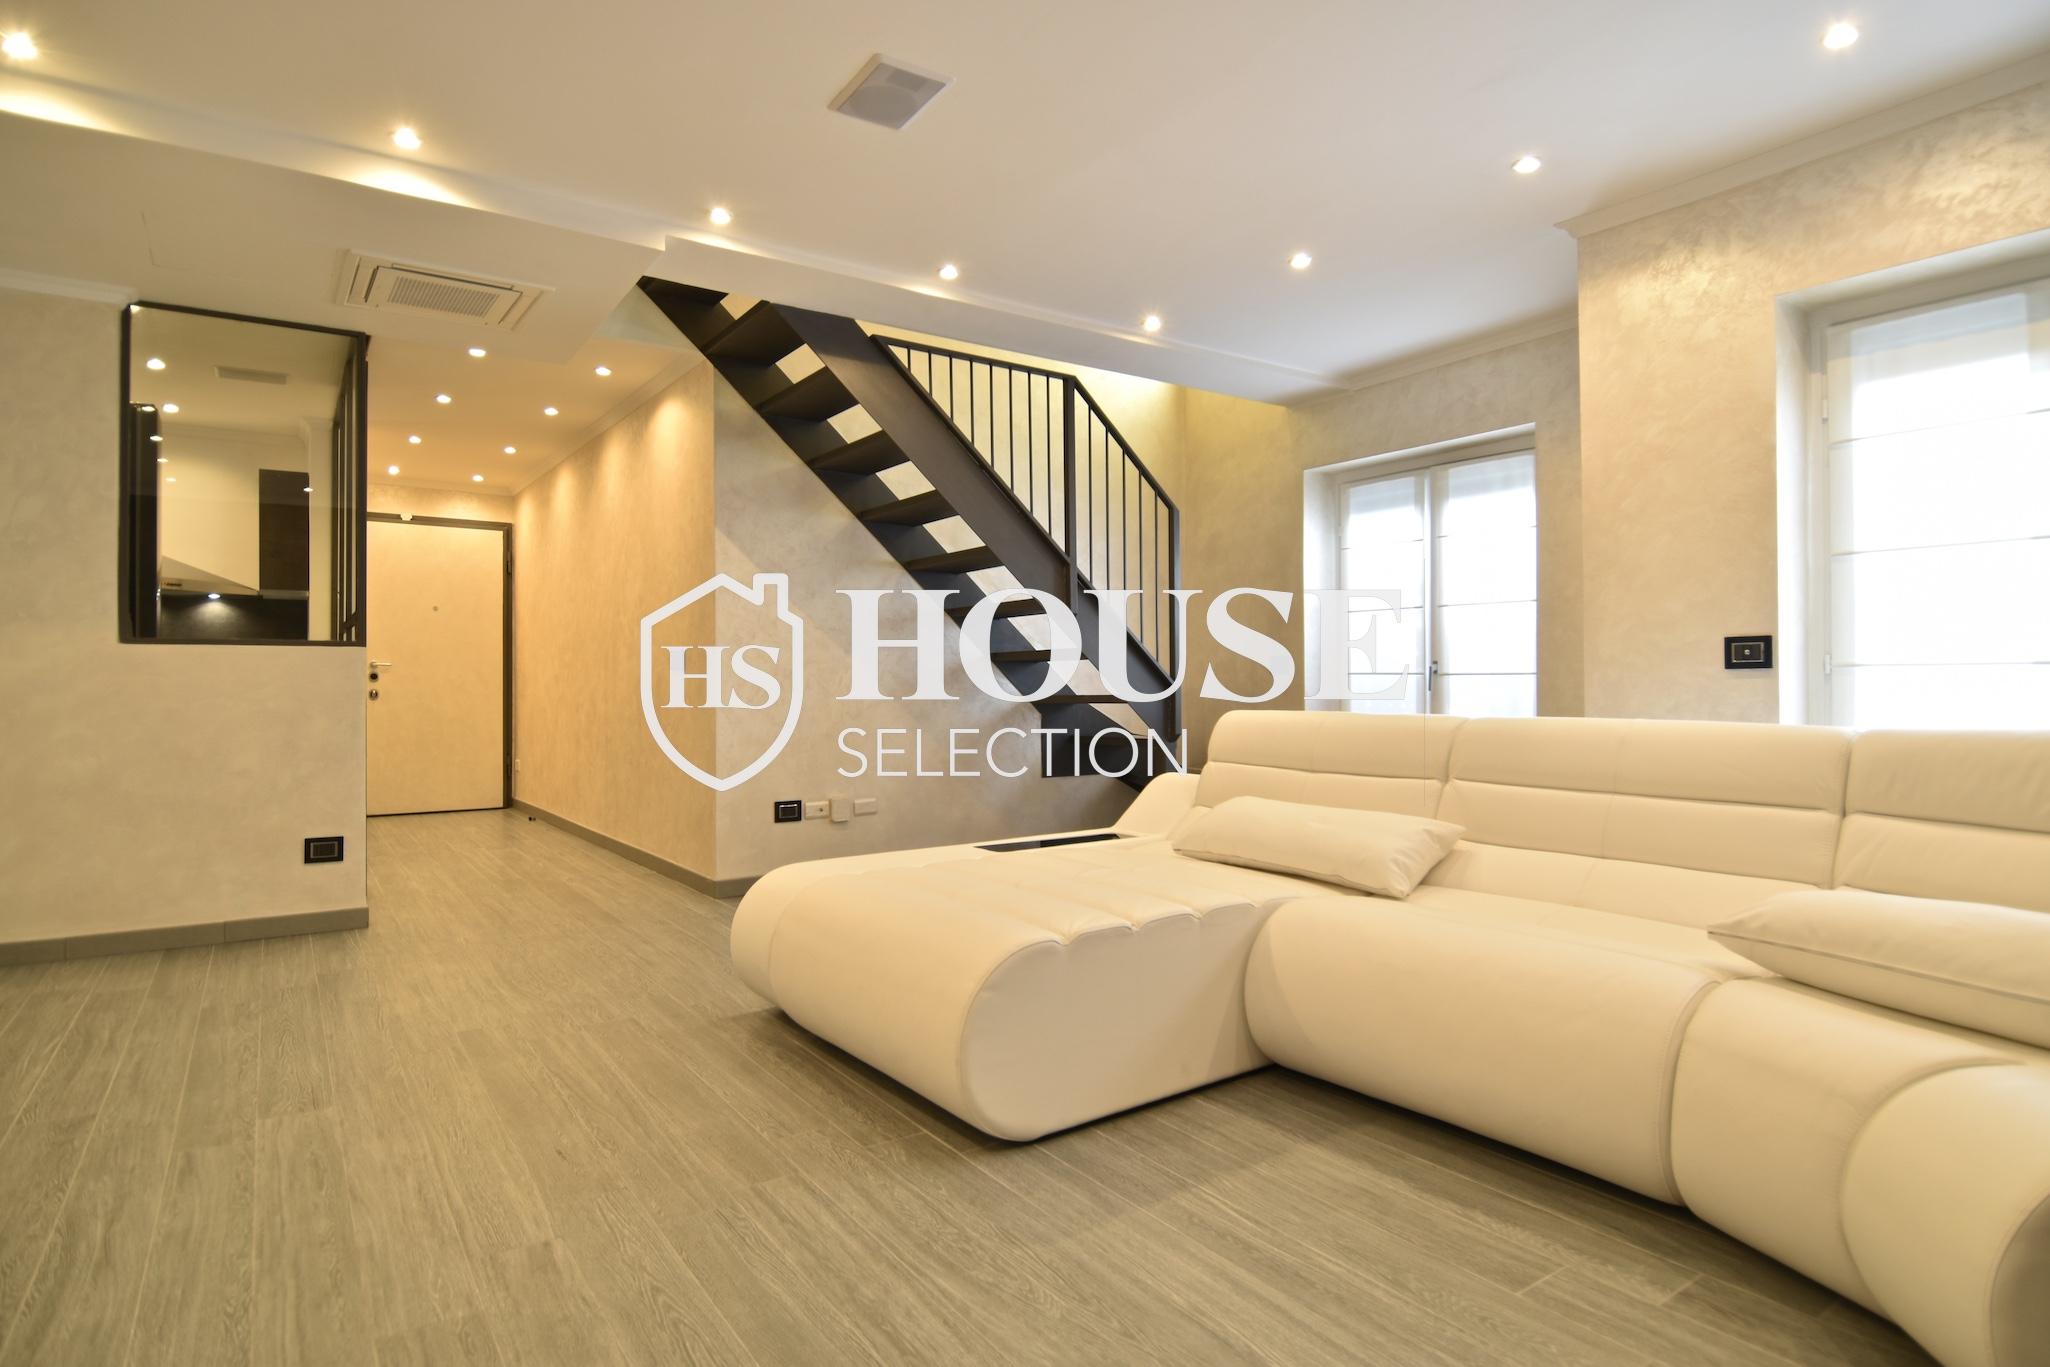 Vendita attico con terrazzo piazza Caiazzo, mm, ultimo piano, nuova realizzazione, palazzo epoca, ascensore, Milano 19